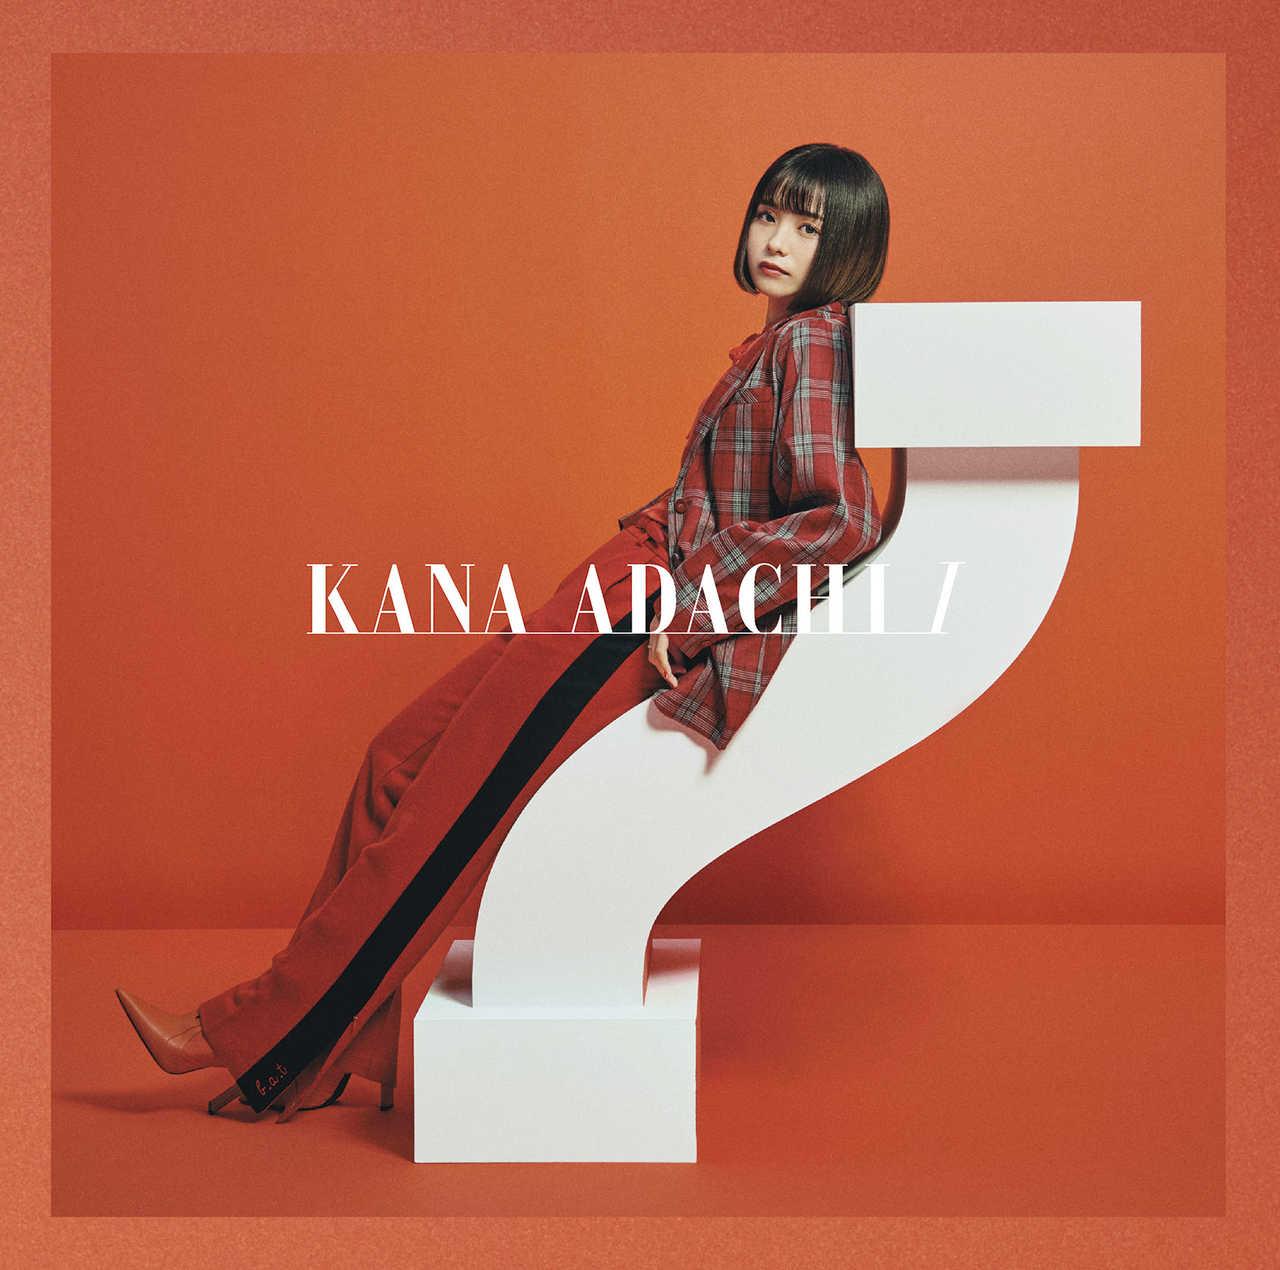 アルバム『I』【通常盤】(CD)